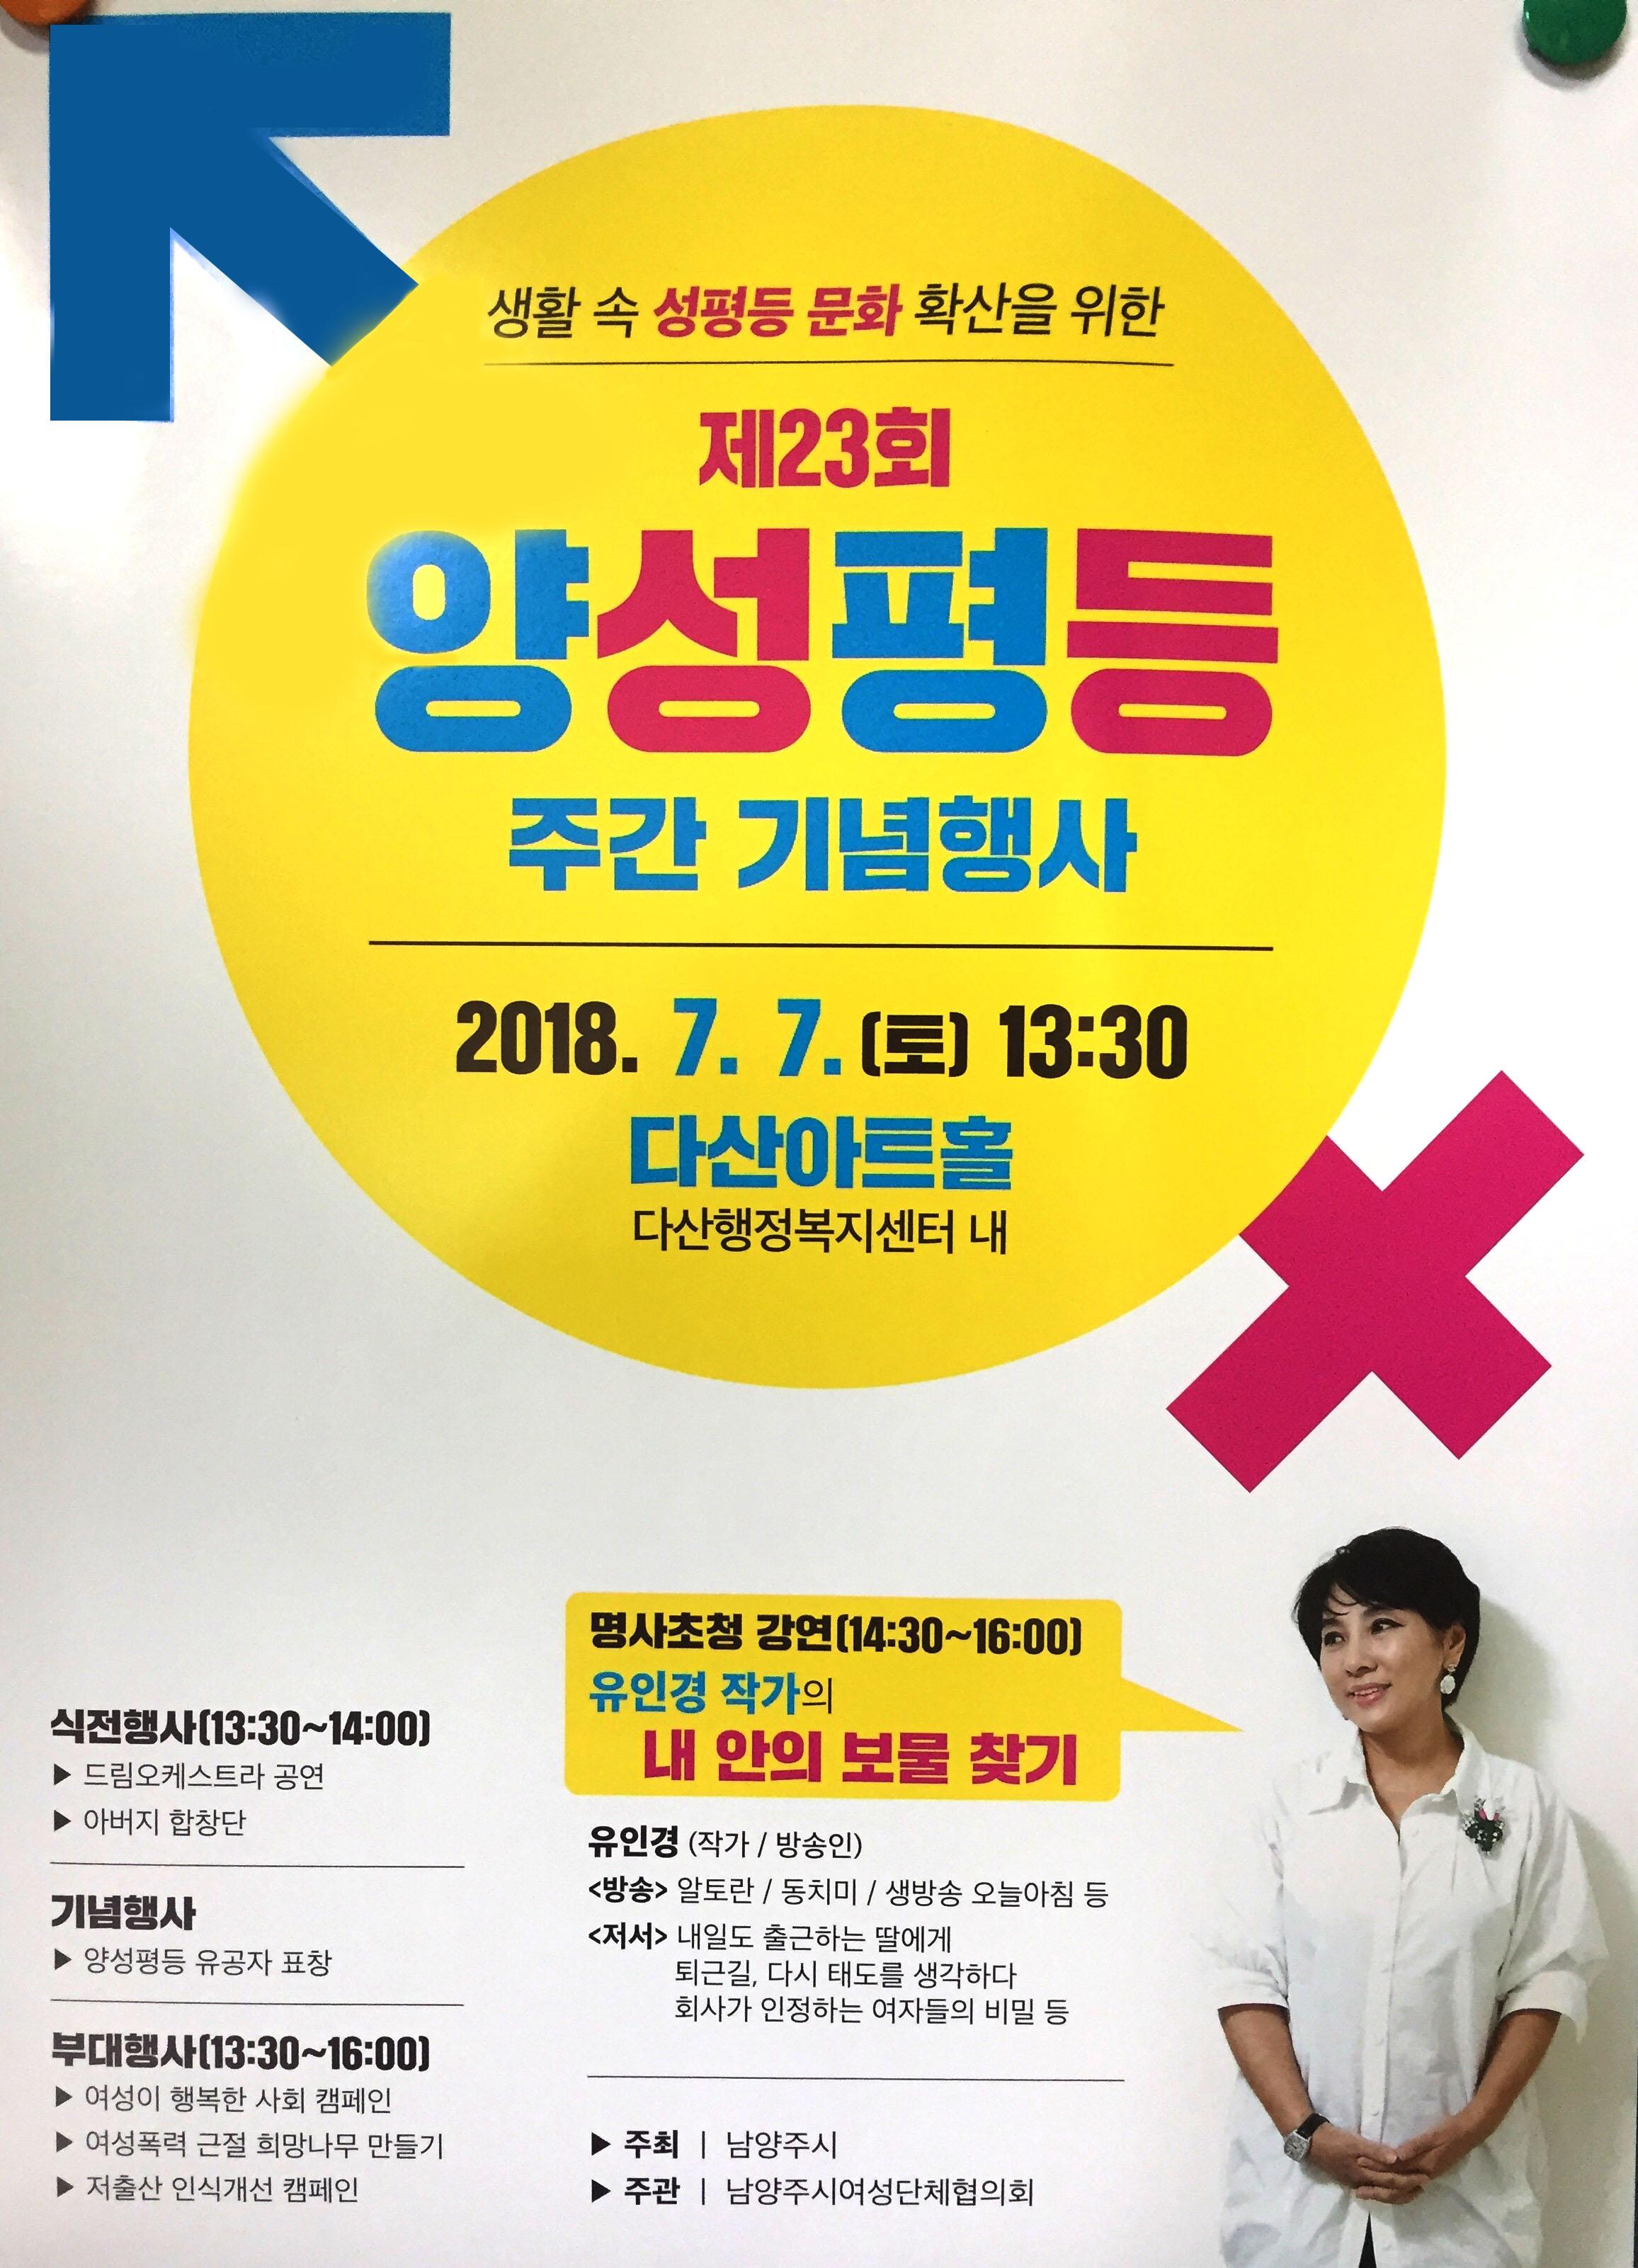 [남양주] 제23회 양성평등 주간 기념행사 참여.jpg